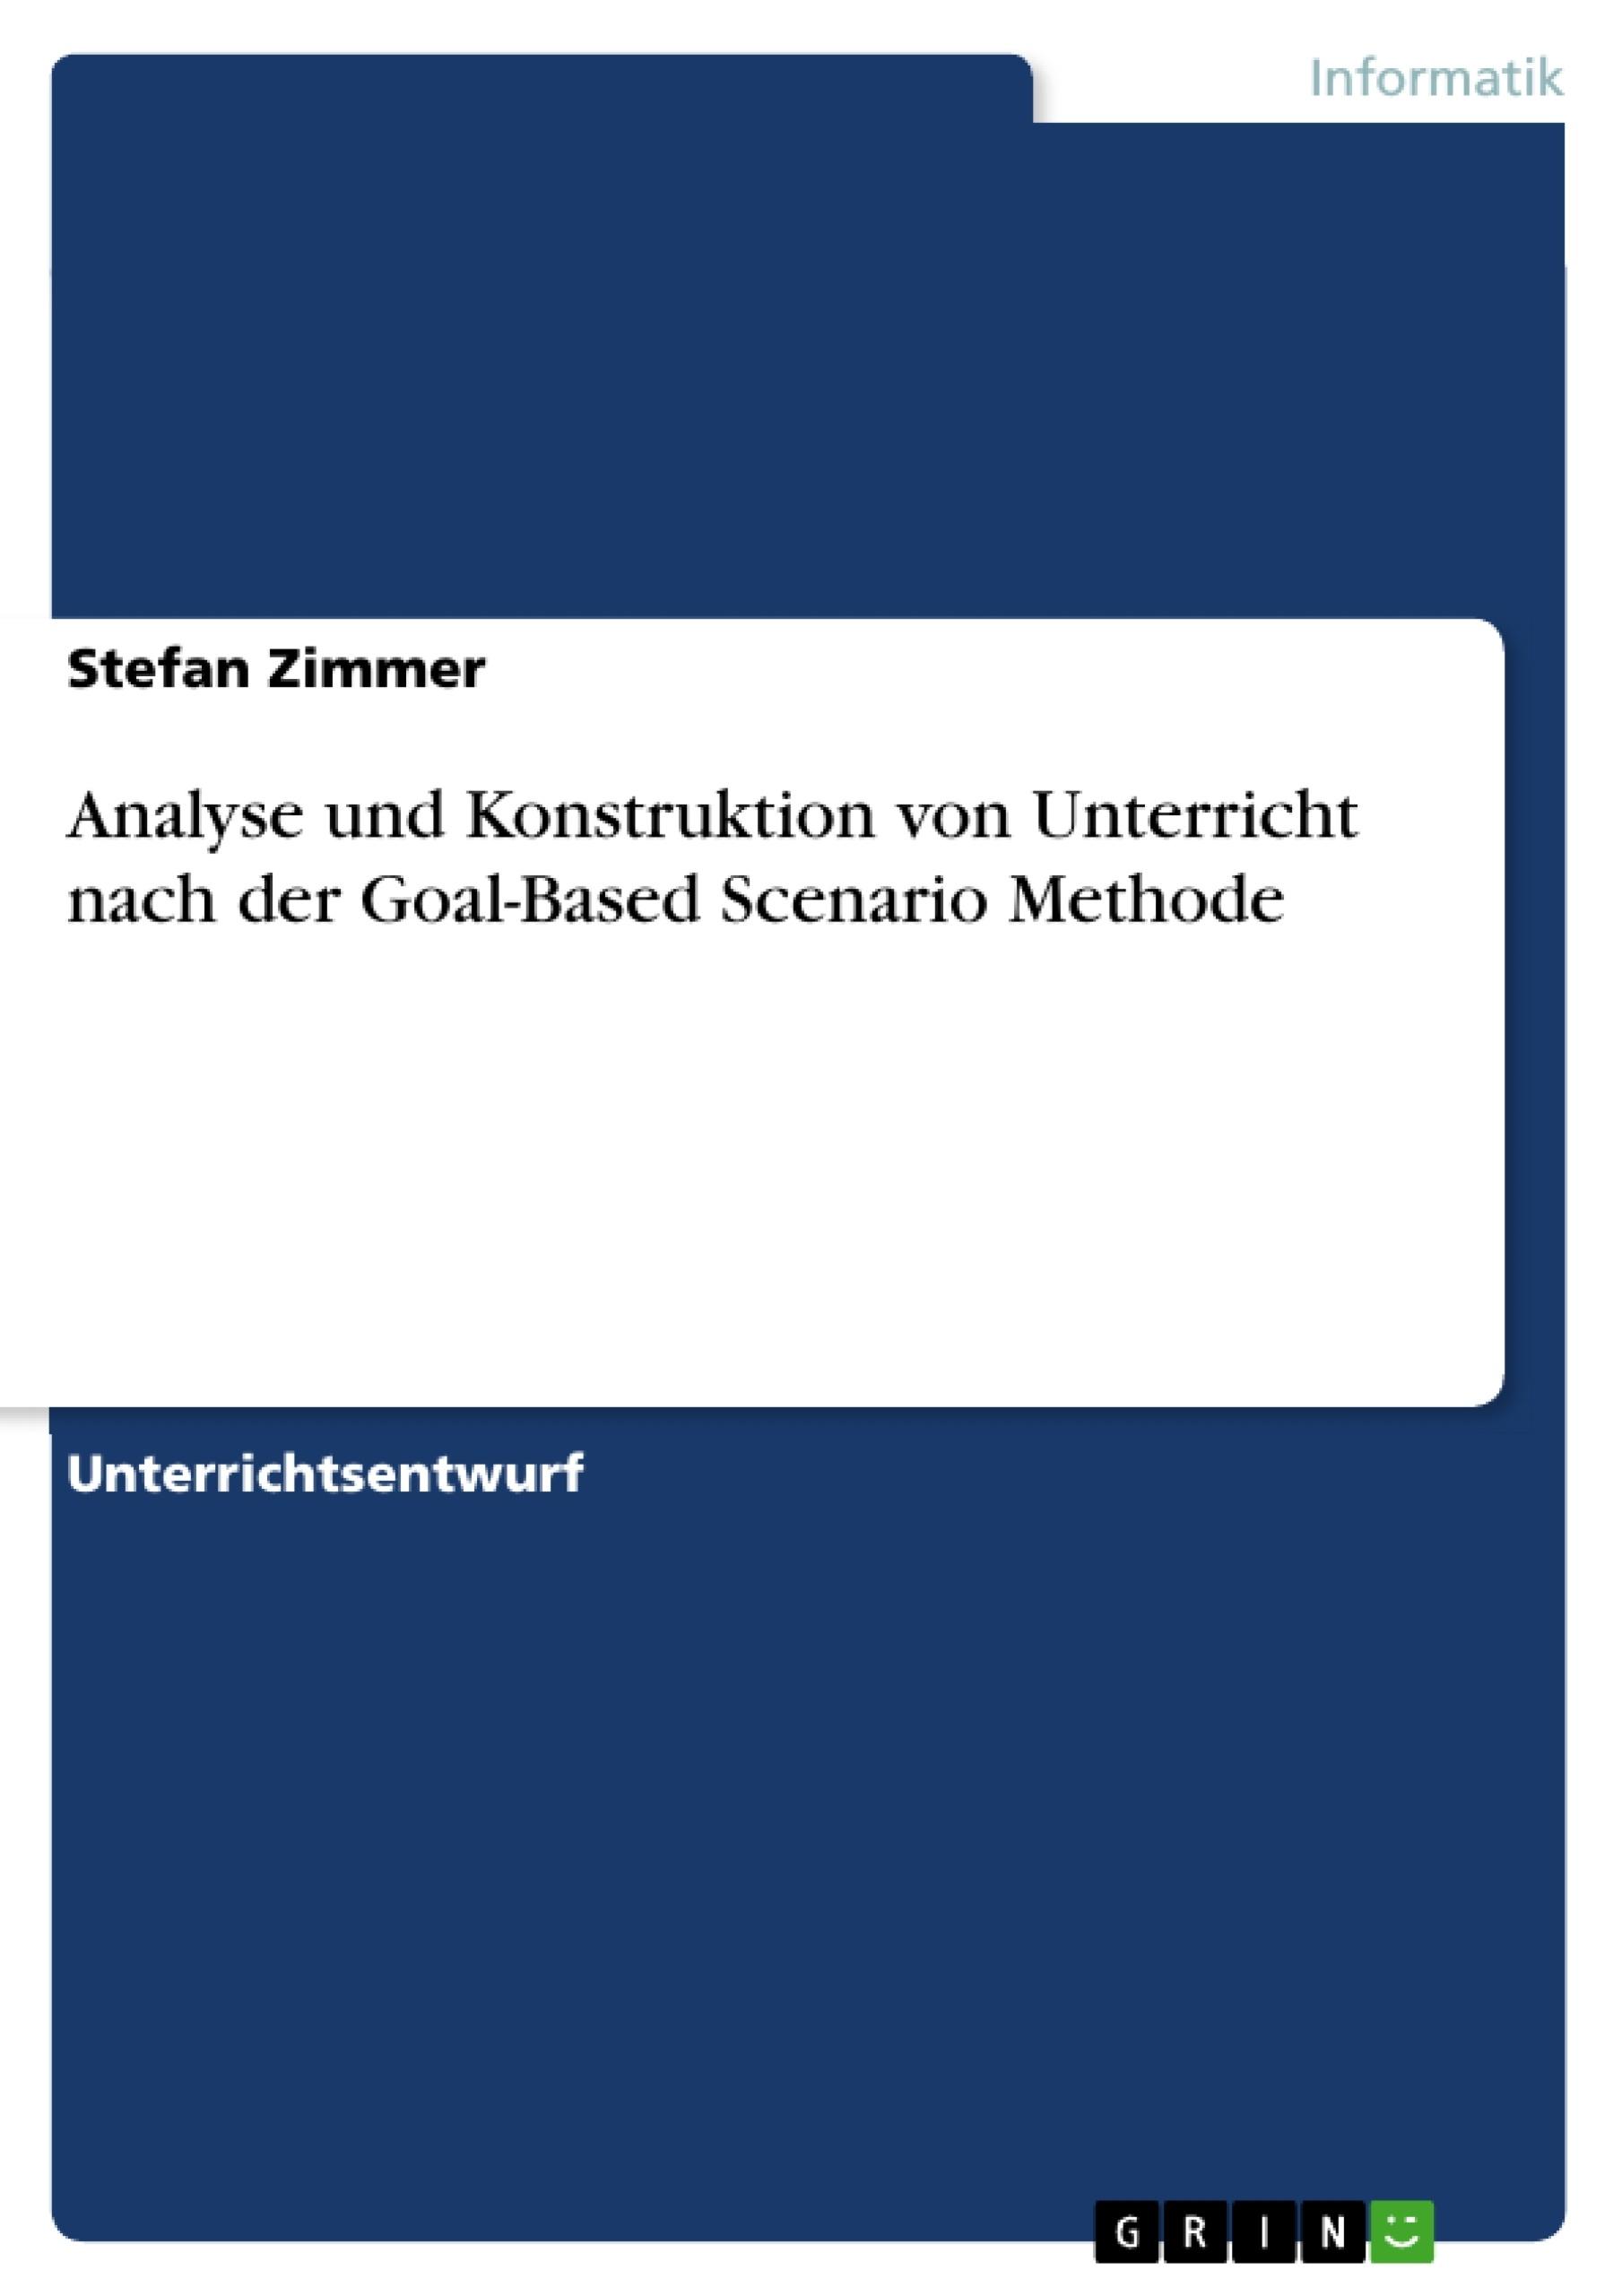 Titel: Analyse und Konstruktion von Unterricht nach der Goal-Based Scenario Methode